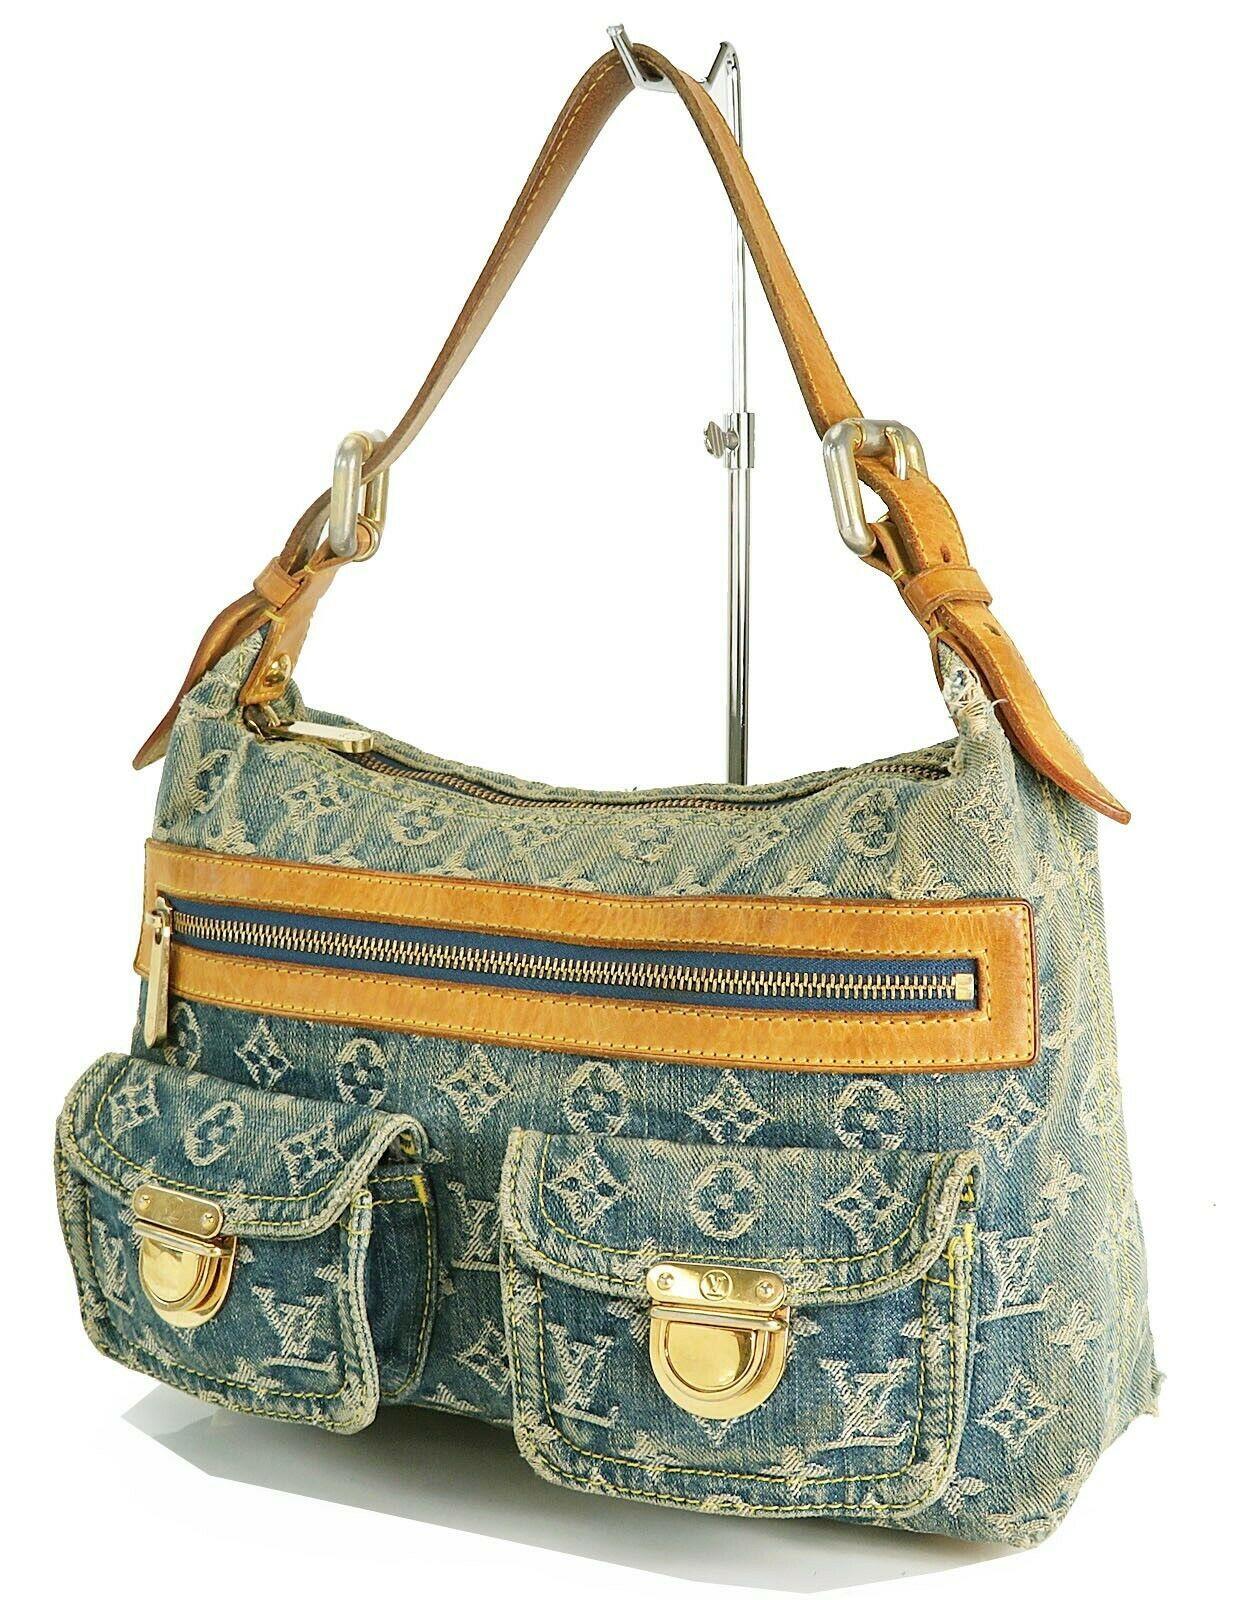 Authentic LOUIS VUITTON Baggy PM Blue Denim Shoulder Tote Bag Purse #34953